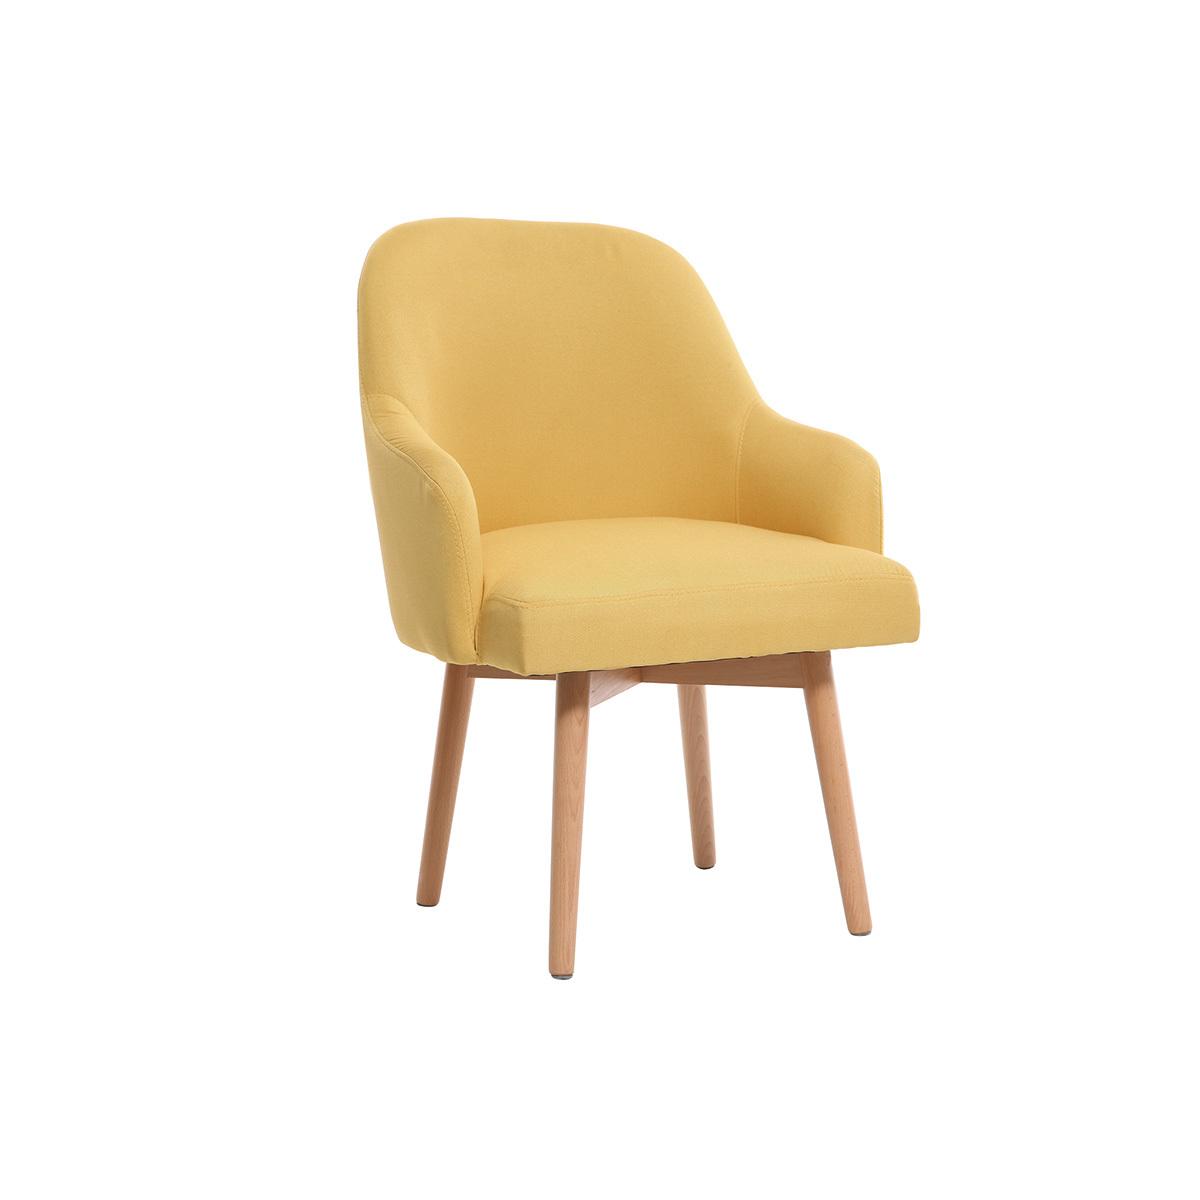 Poltrona design giallo piedi legno chiaro MONA